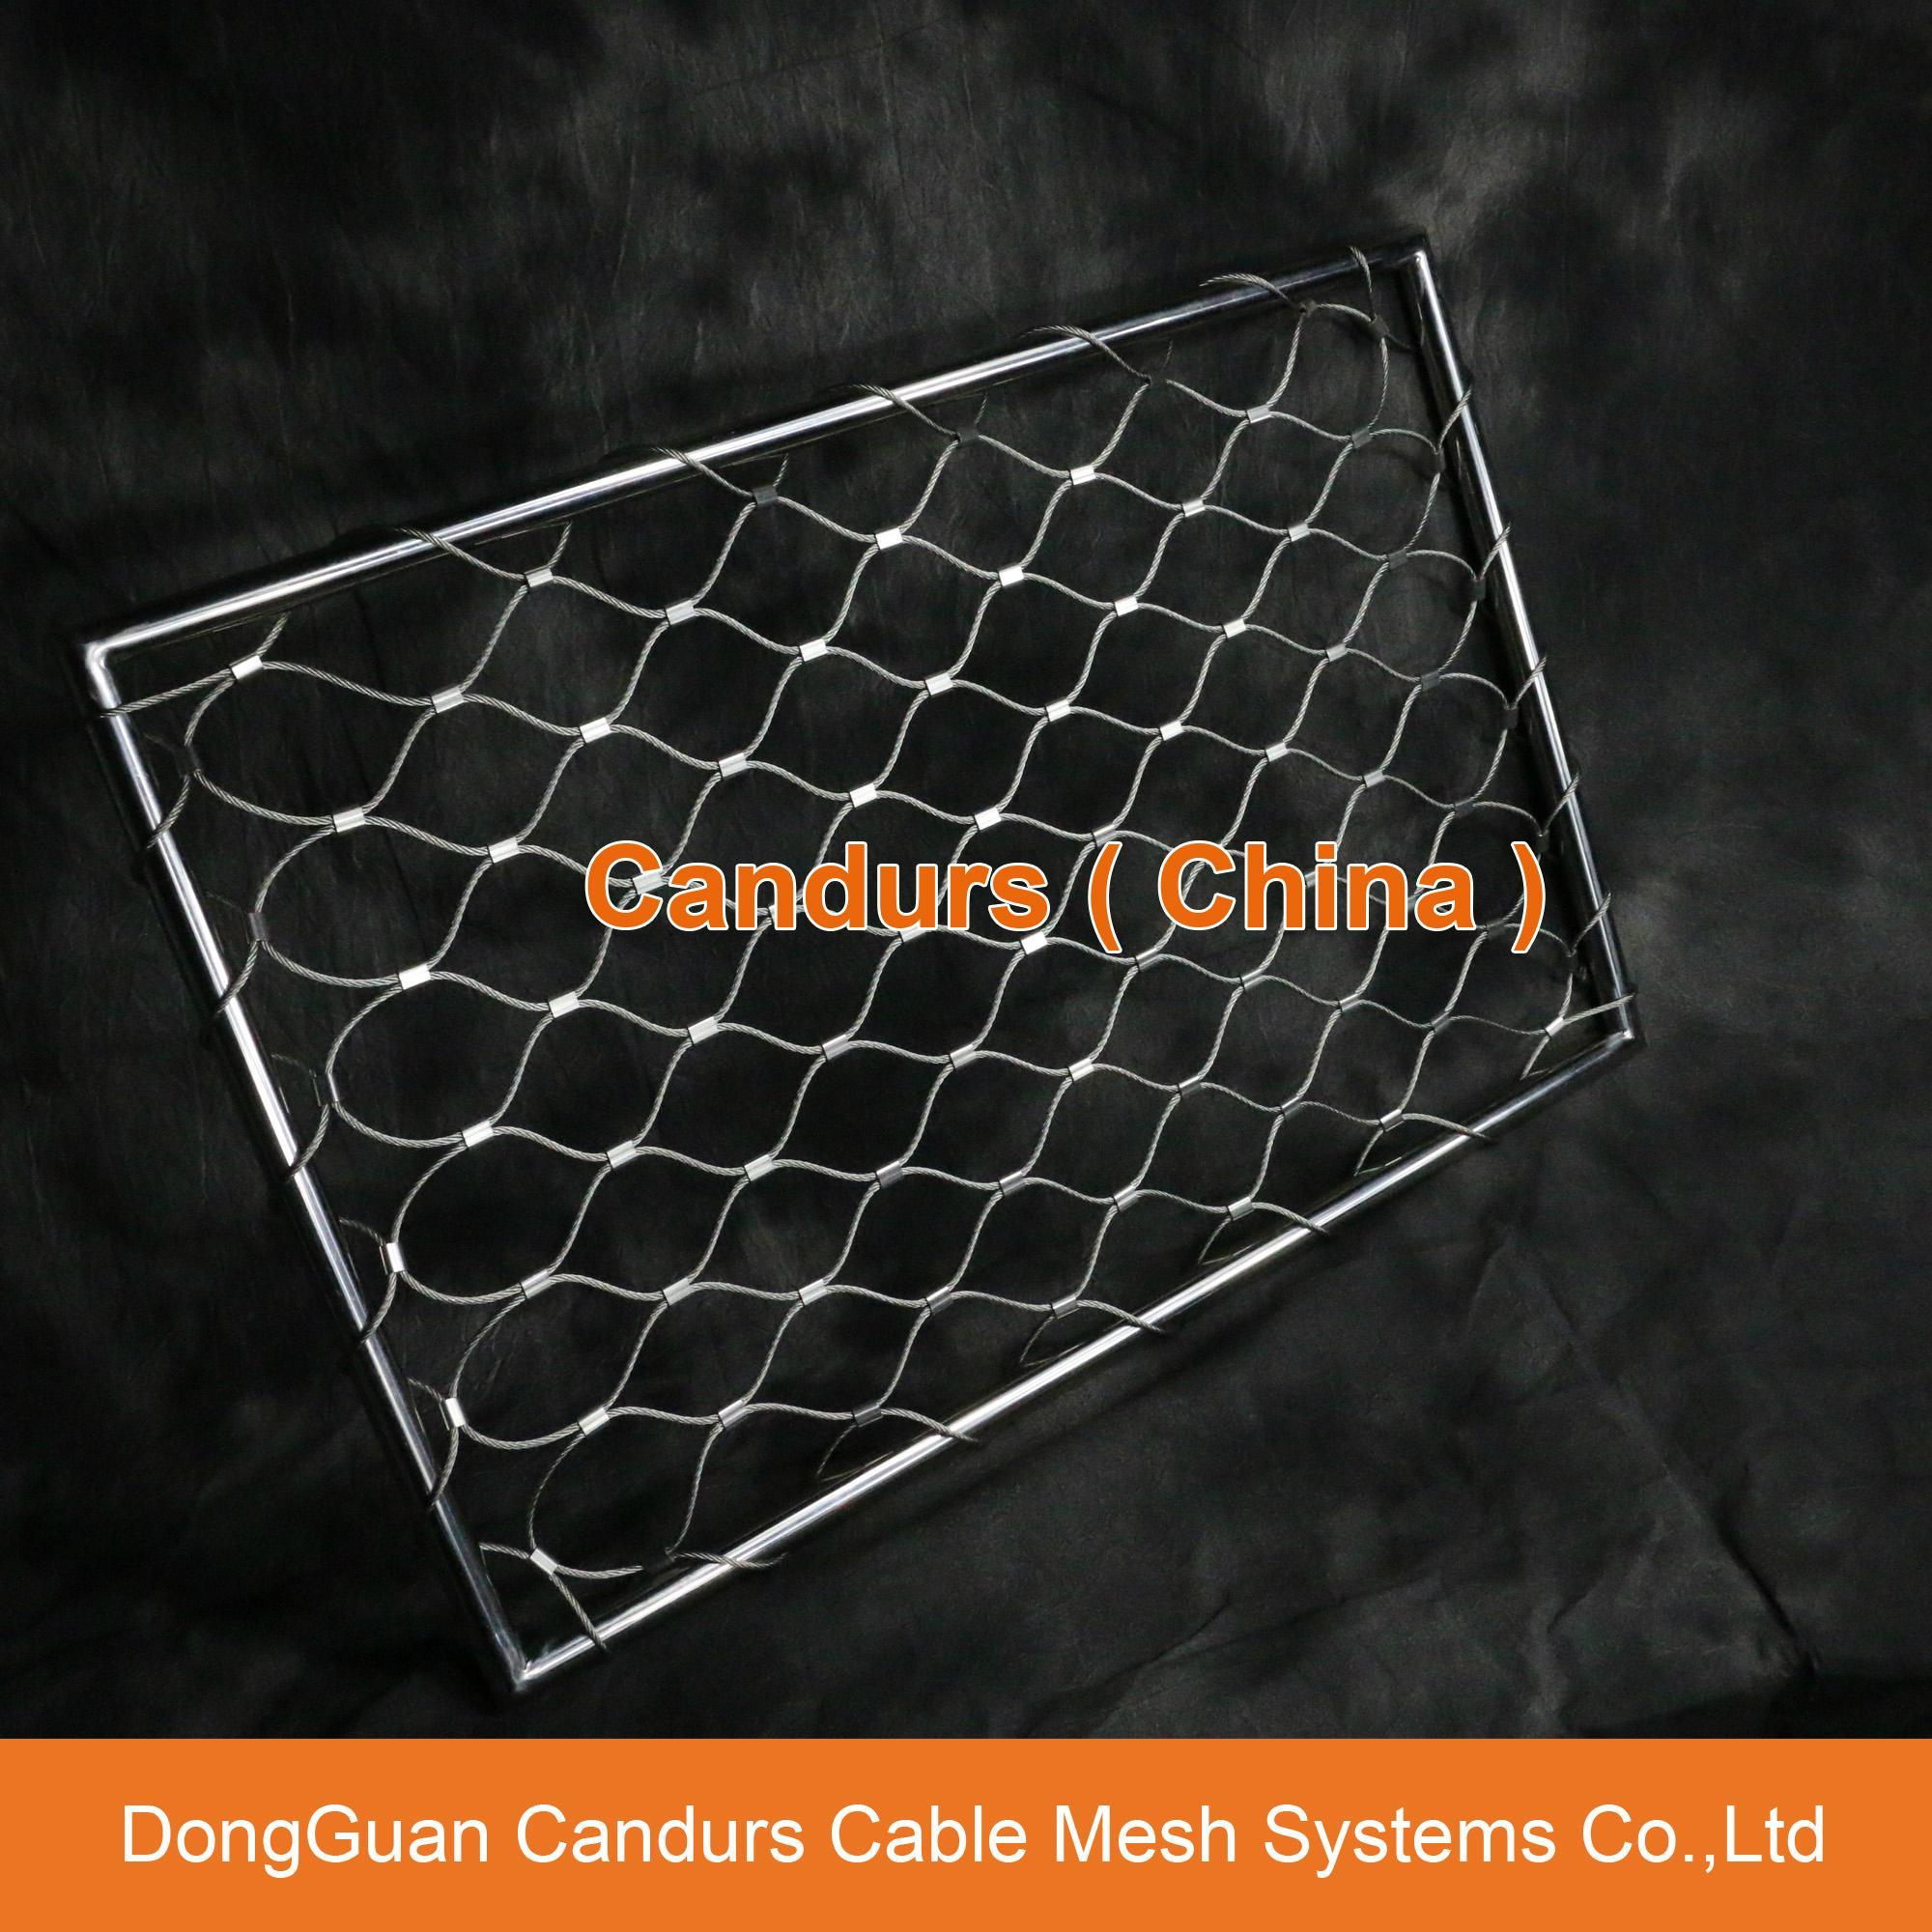 不鏽鋼絲繩外牆裝飾網 15